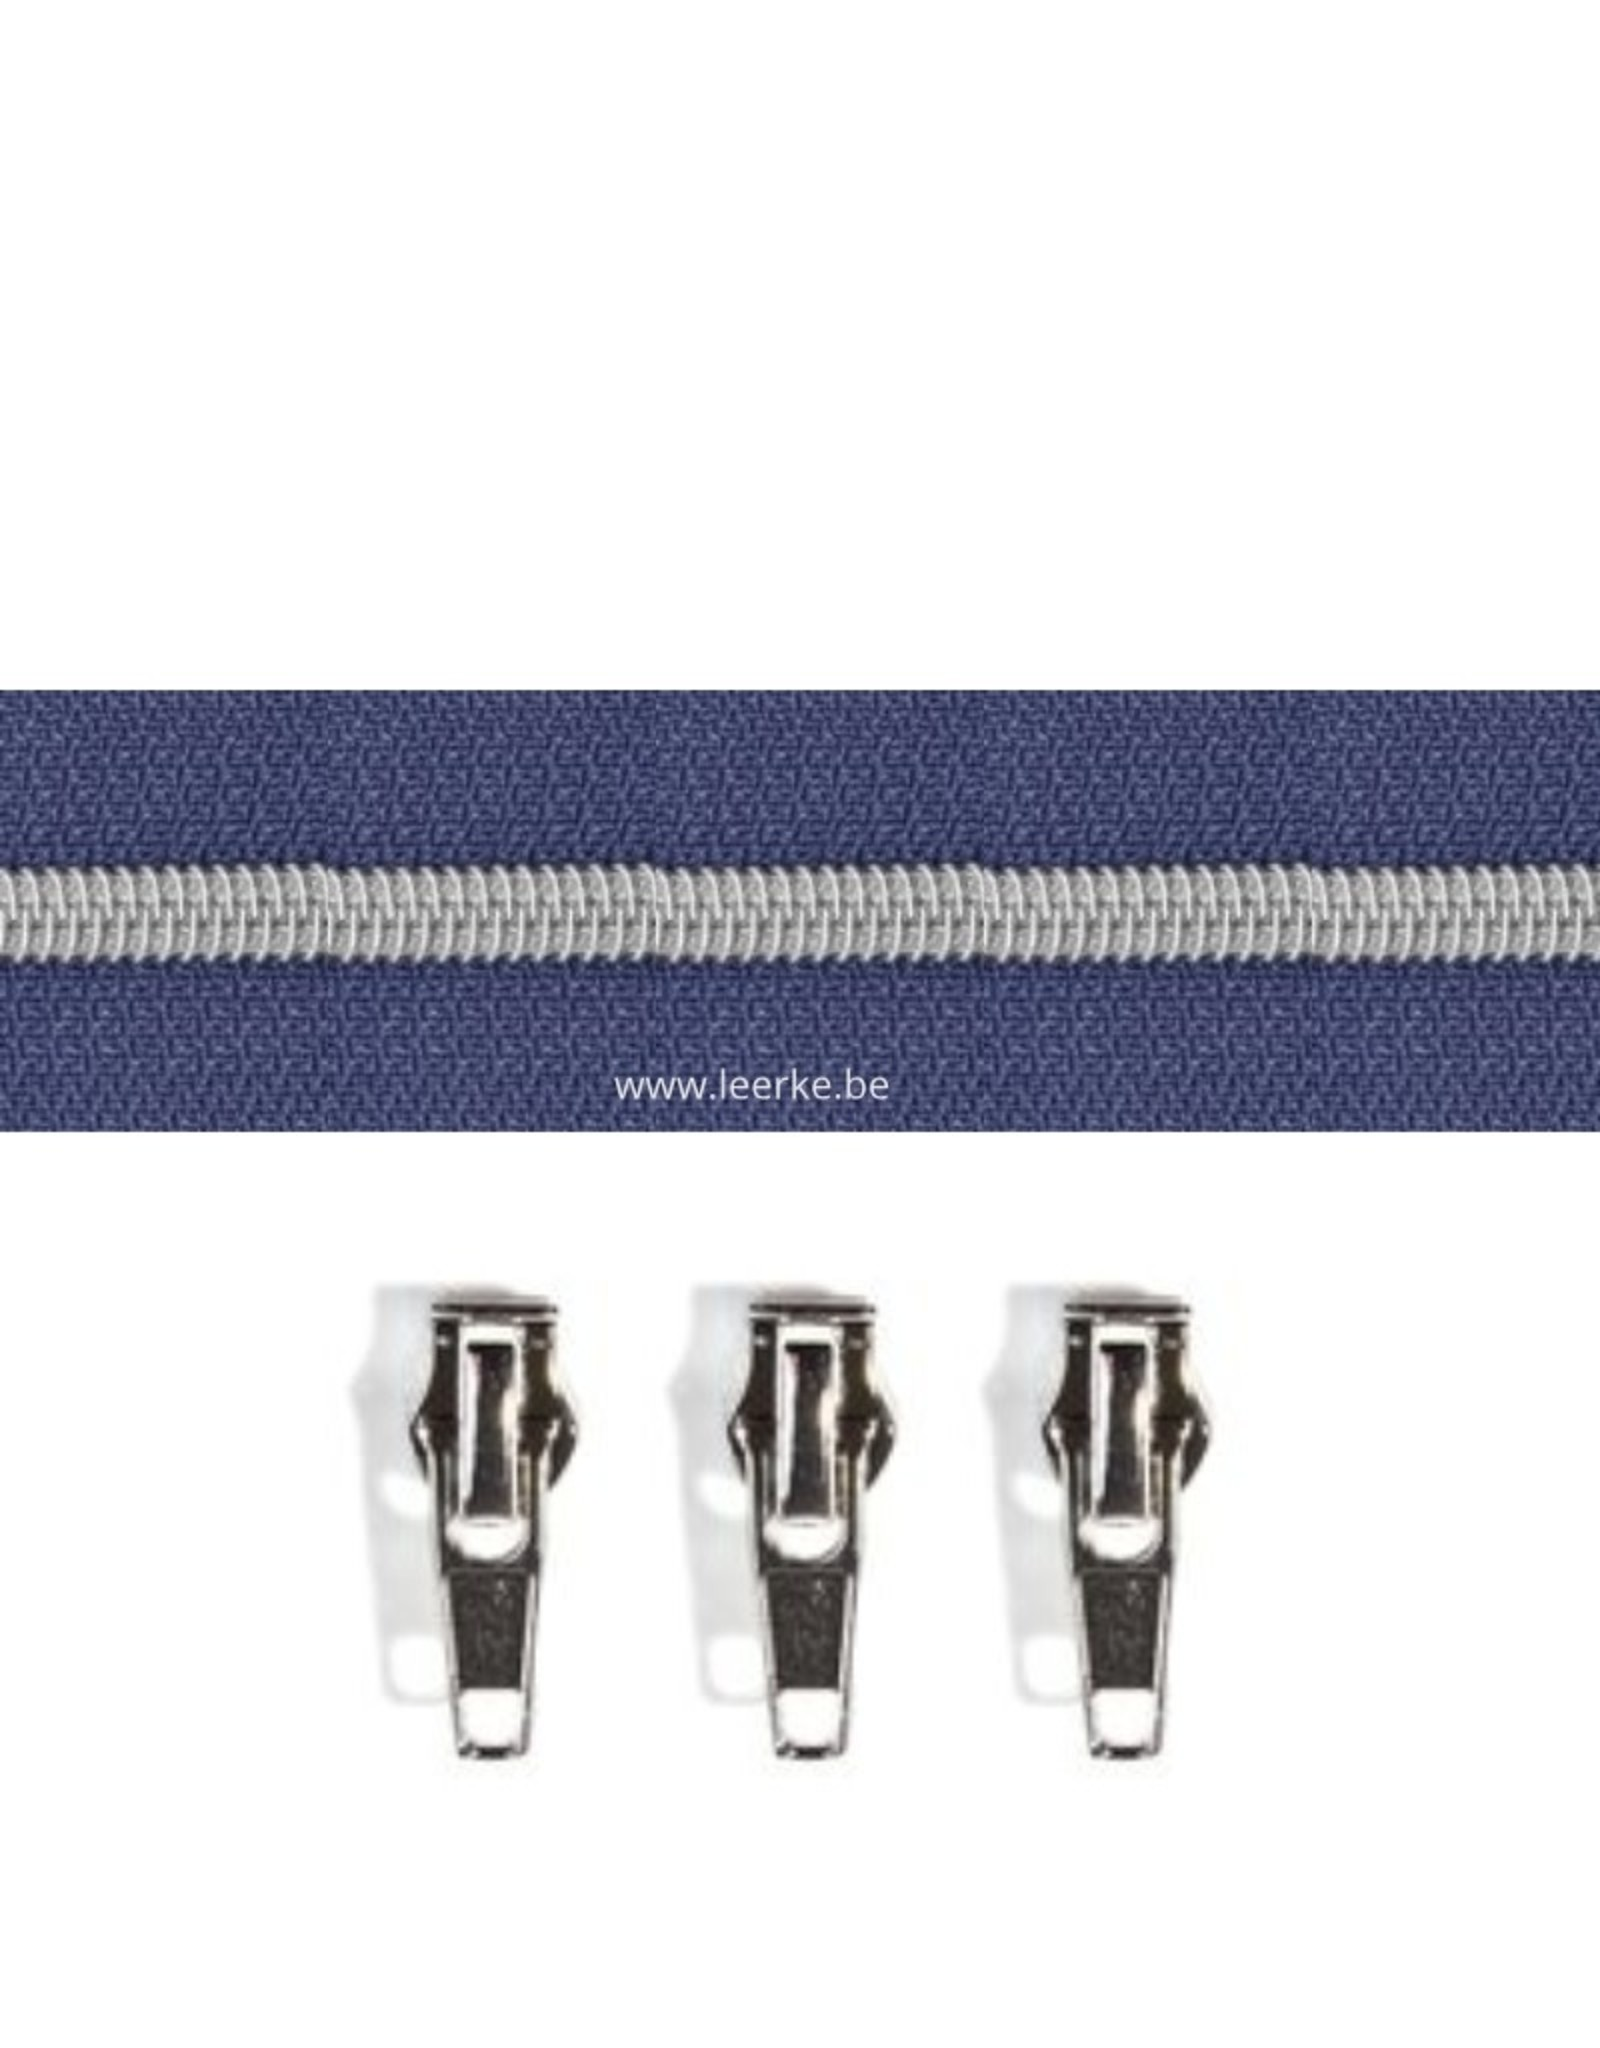 Rits per meter (incl. 3 trekkers) - Zilver- Blauw- Size 6,5